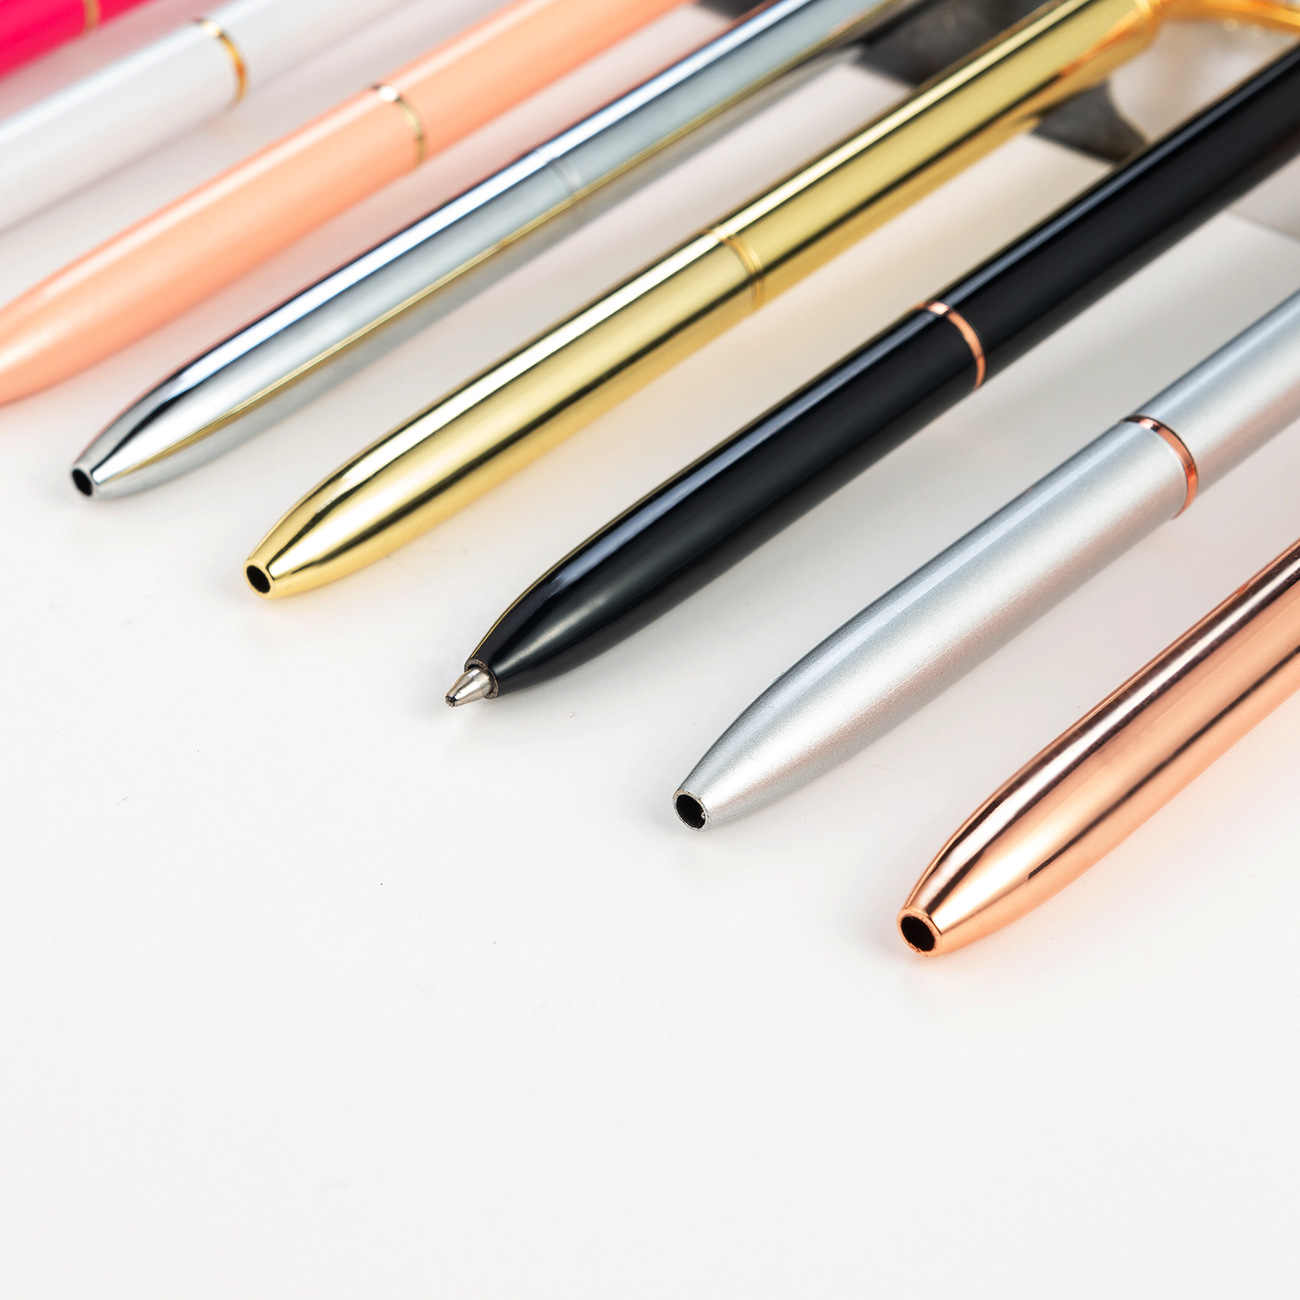 21 kolor duży diament kryształowy długopis Gem kulkowe długopisy pierścień ślub metalowy długopis Kawaii magiczne pióro moda szkolne materiały biurowe